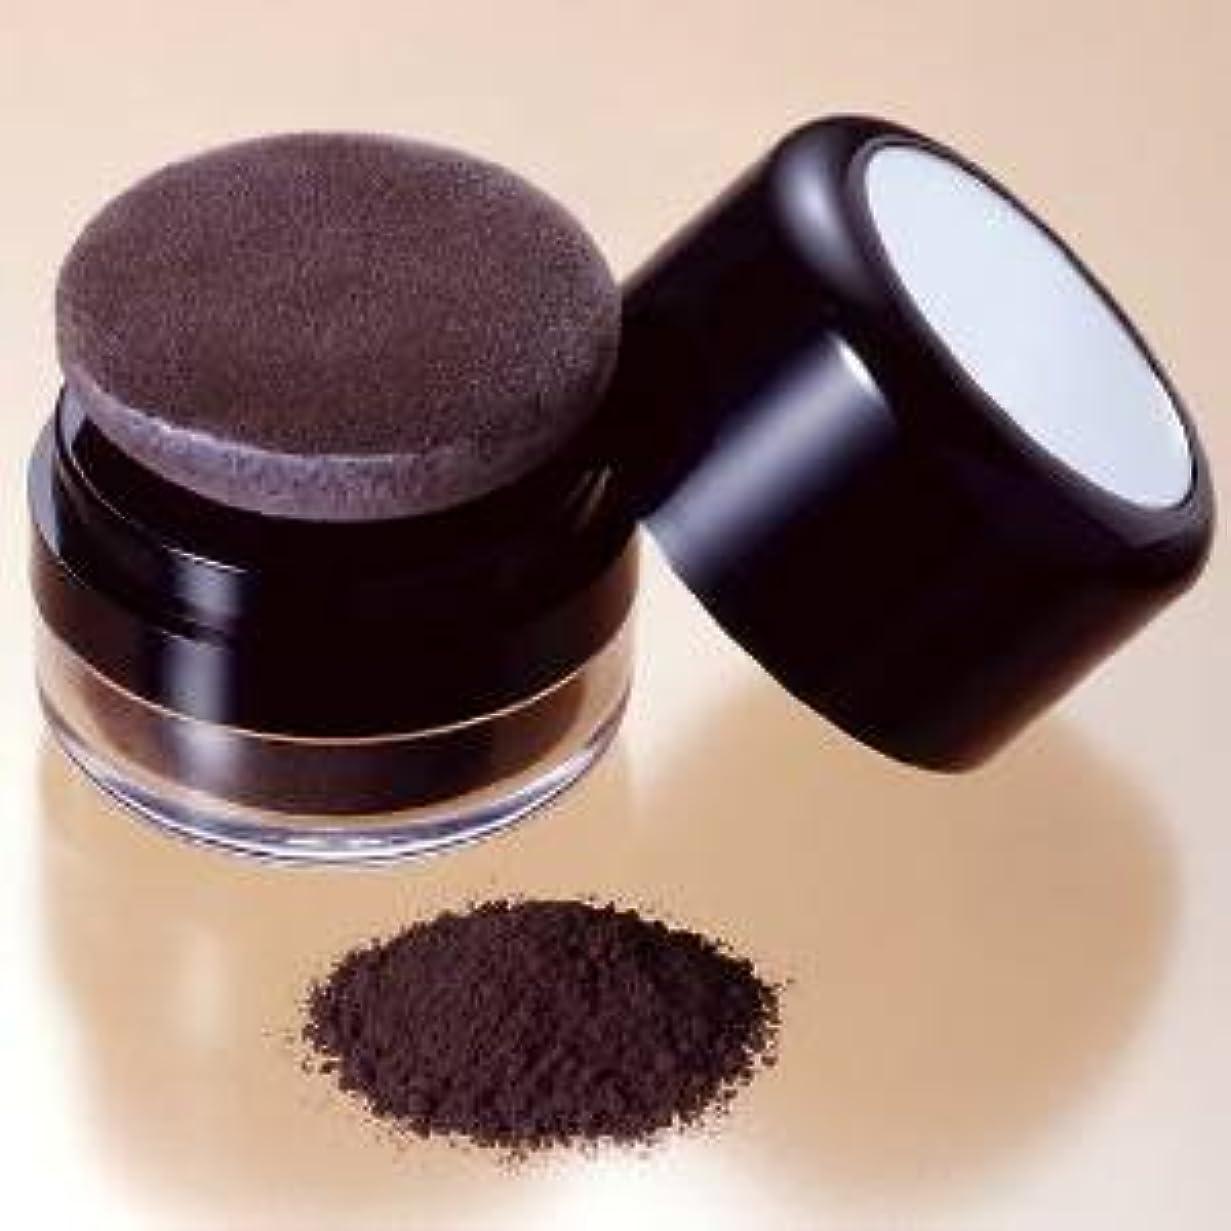 原油マットバインド薄毛と白髪 隠しに茶色の粉で頭頂部の禿げ隠し ブラウン(濃茶)